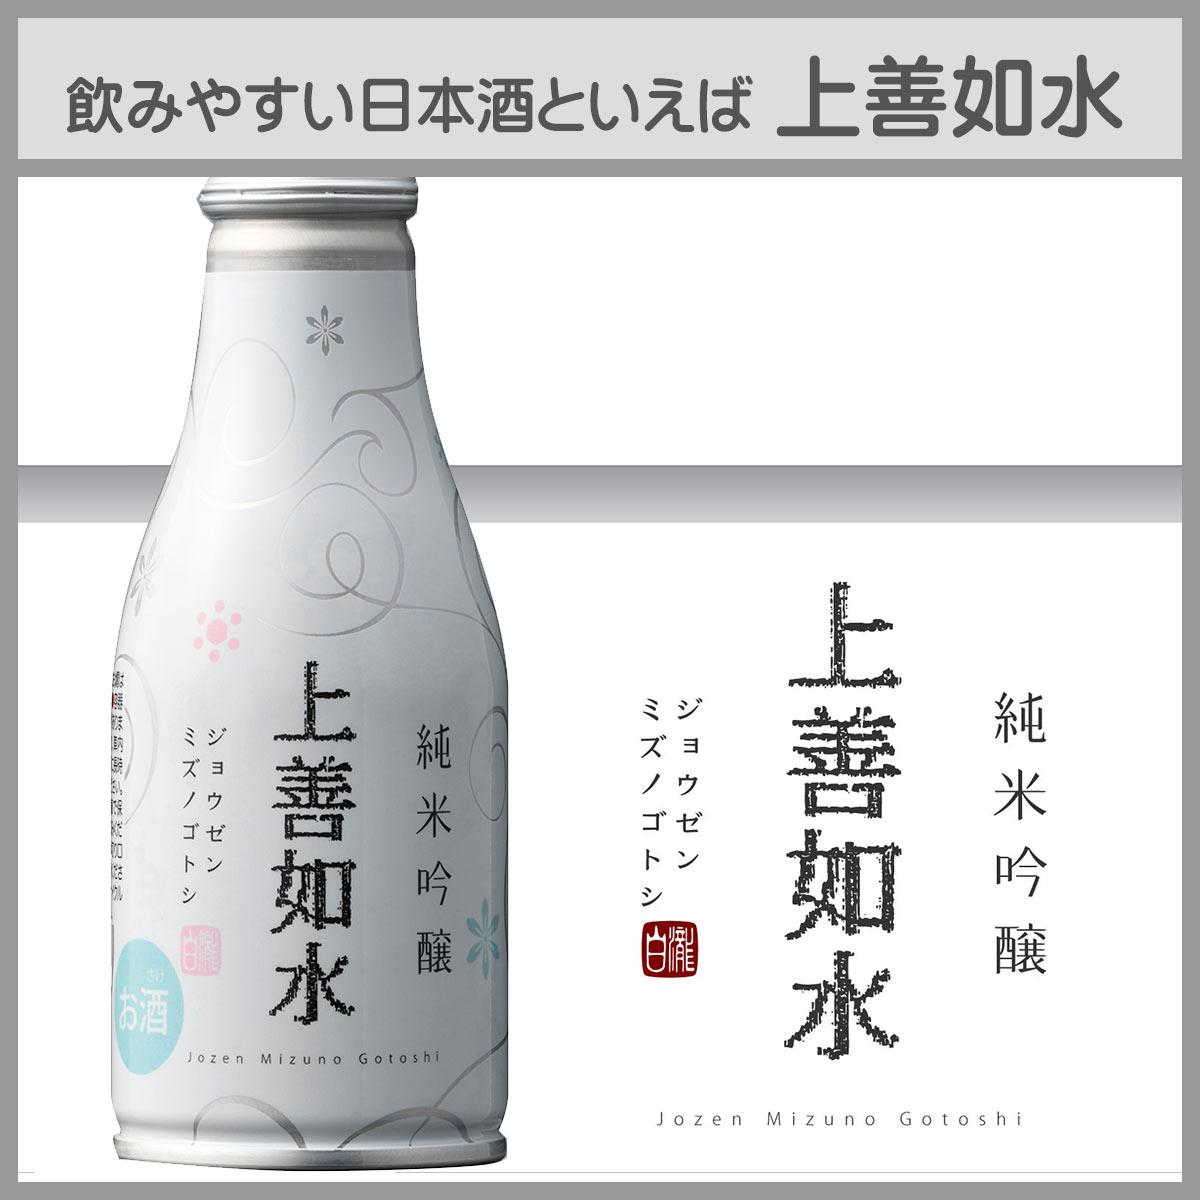 【ケース販売】 上善如水 純米吟醸 ボトル缶 180ml×24本入り